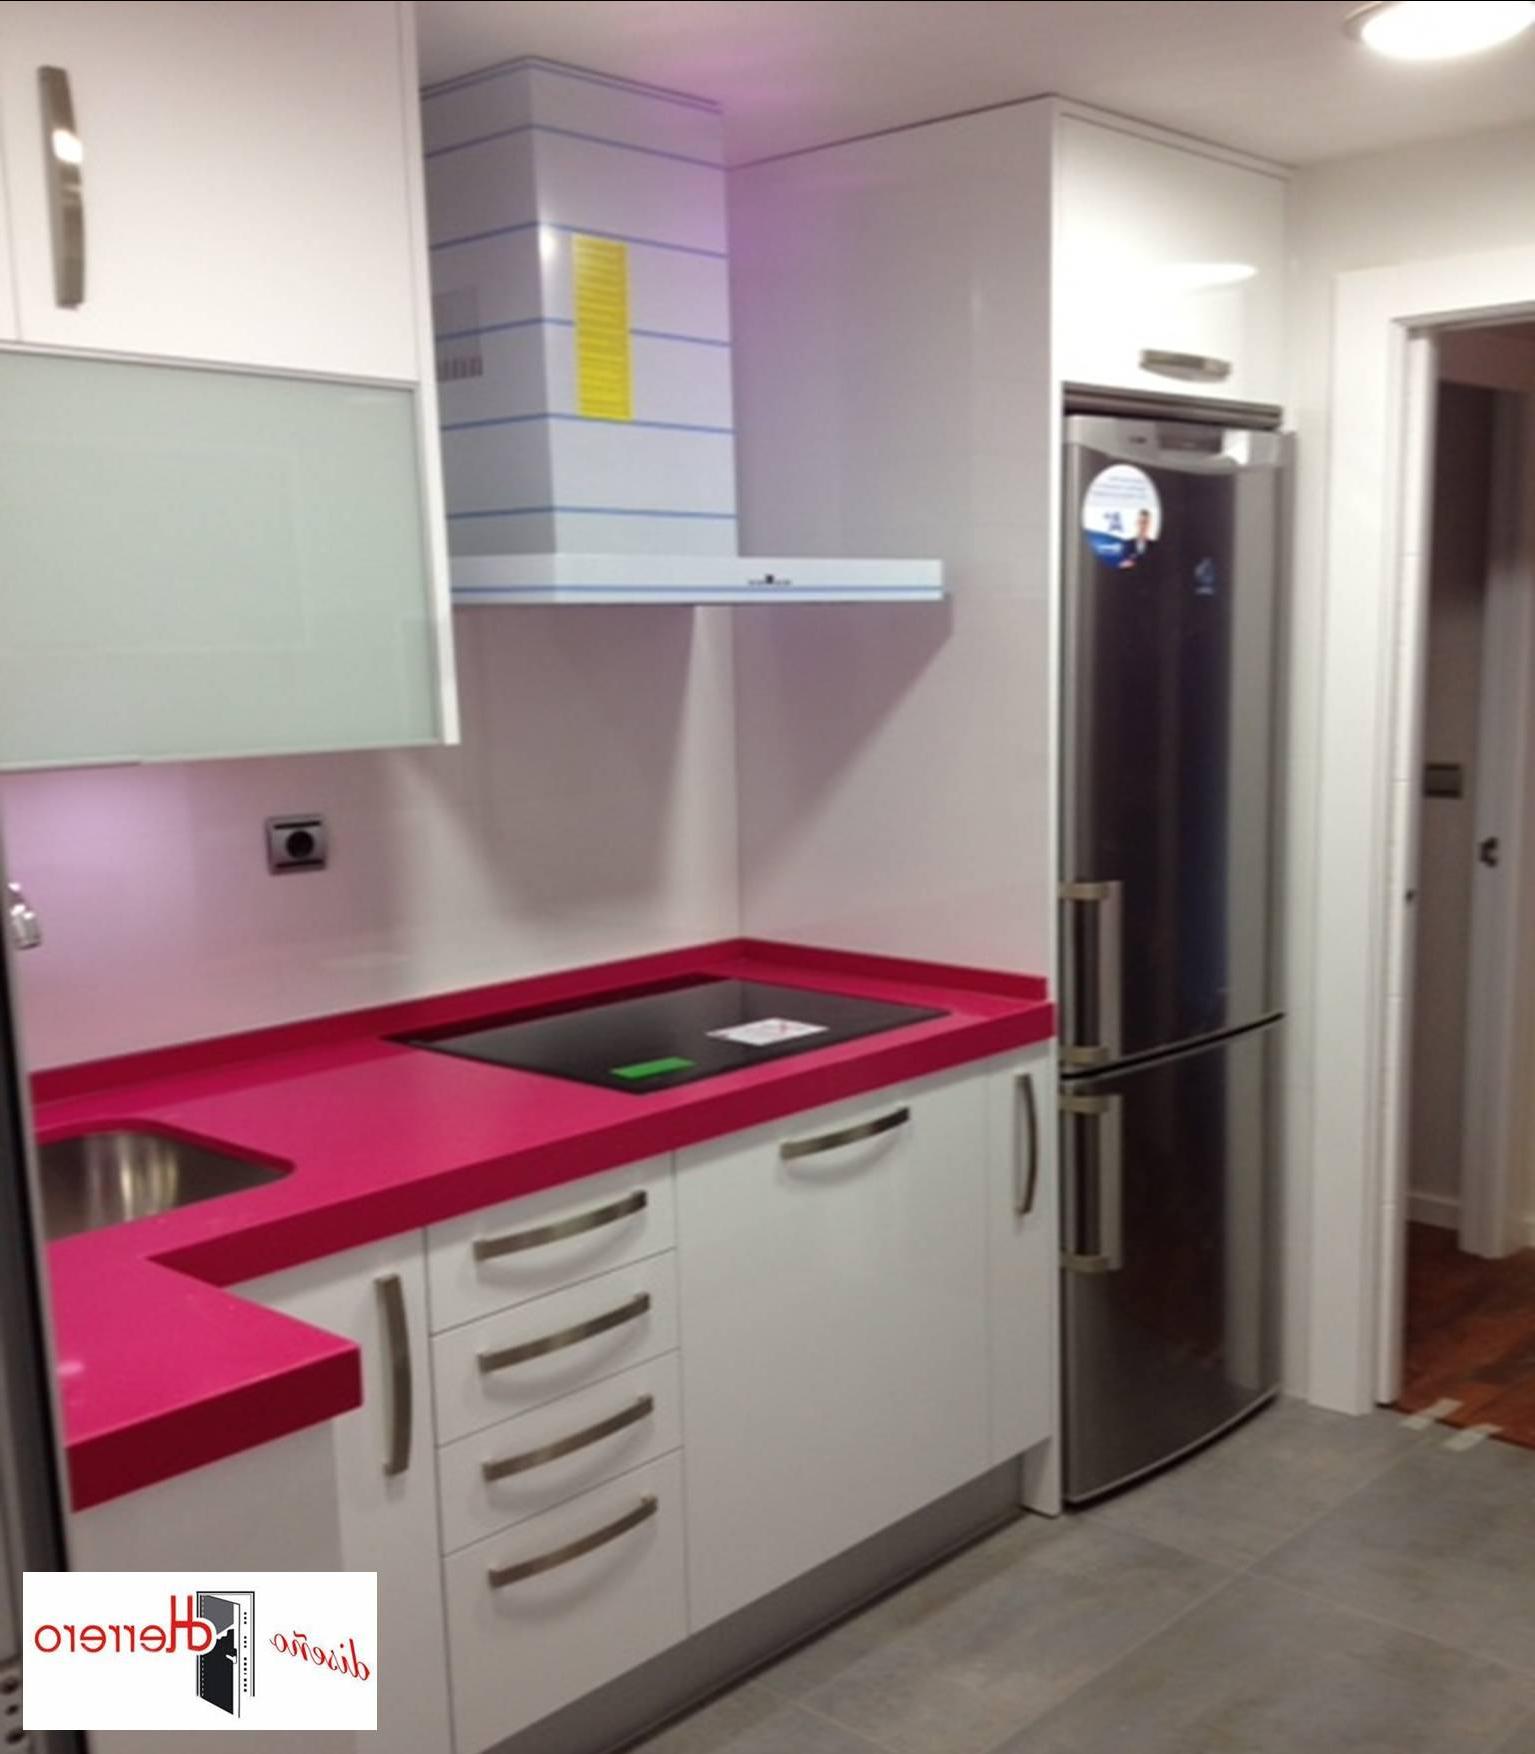 Muebles De Cocina En Zaragoza 3ldq Cocinas En Zaragoza Diseà O Herrero